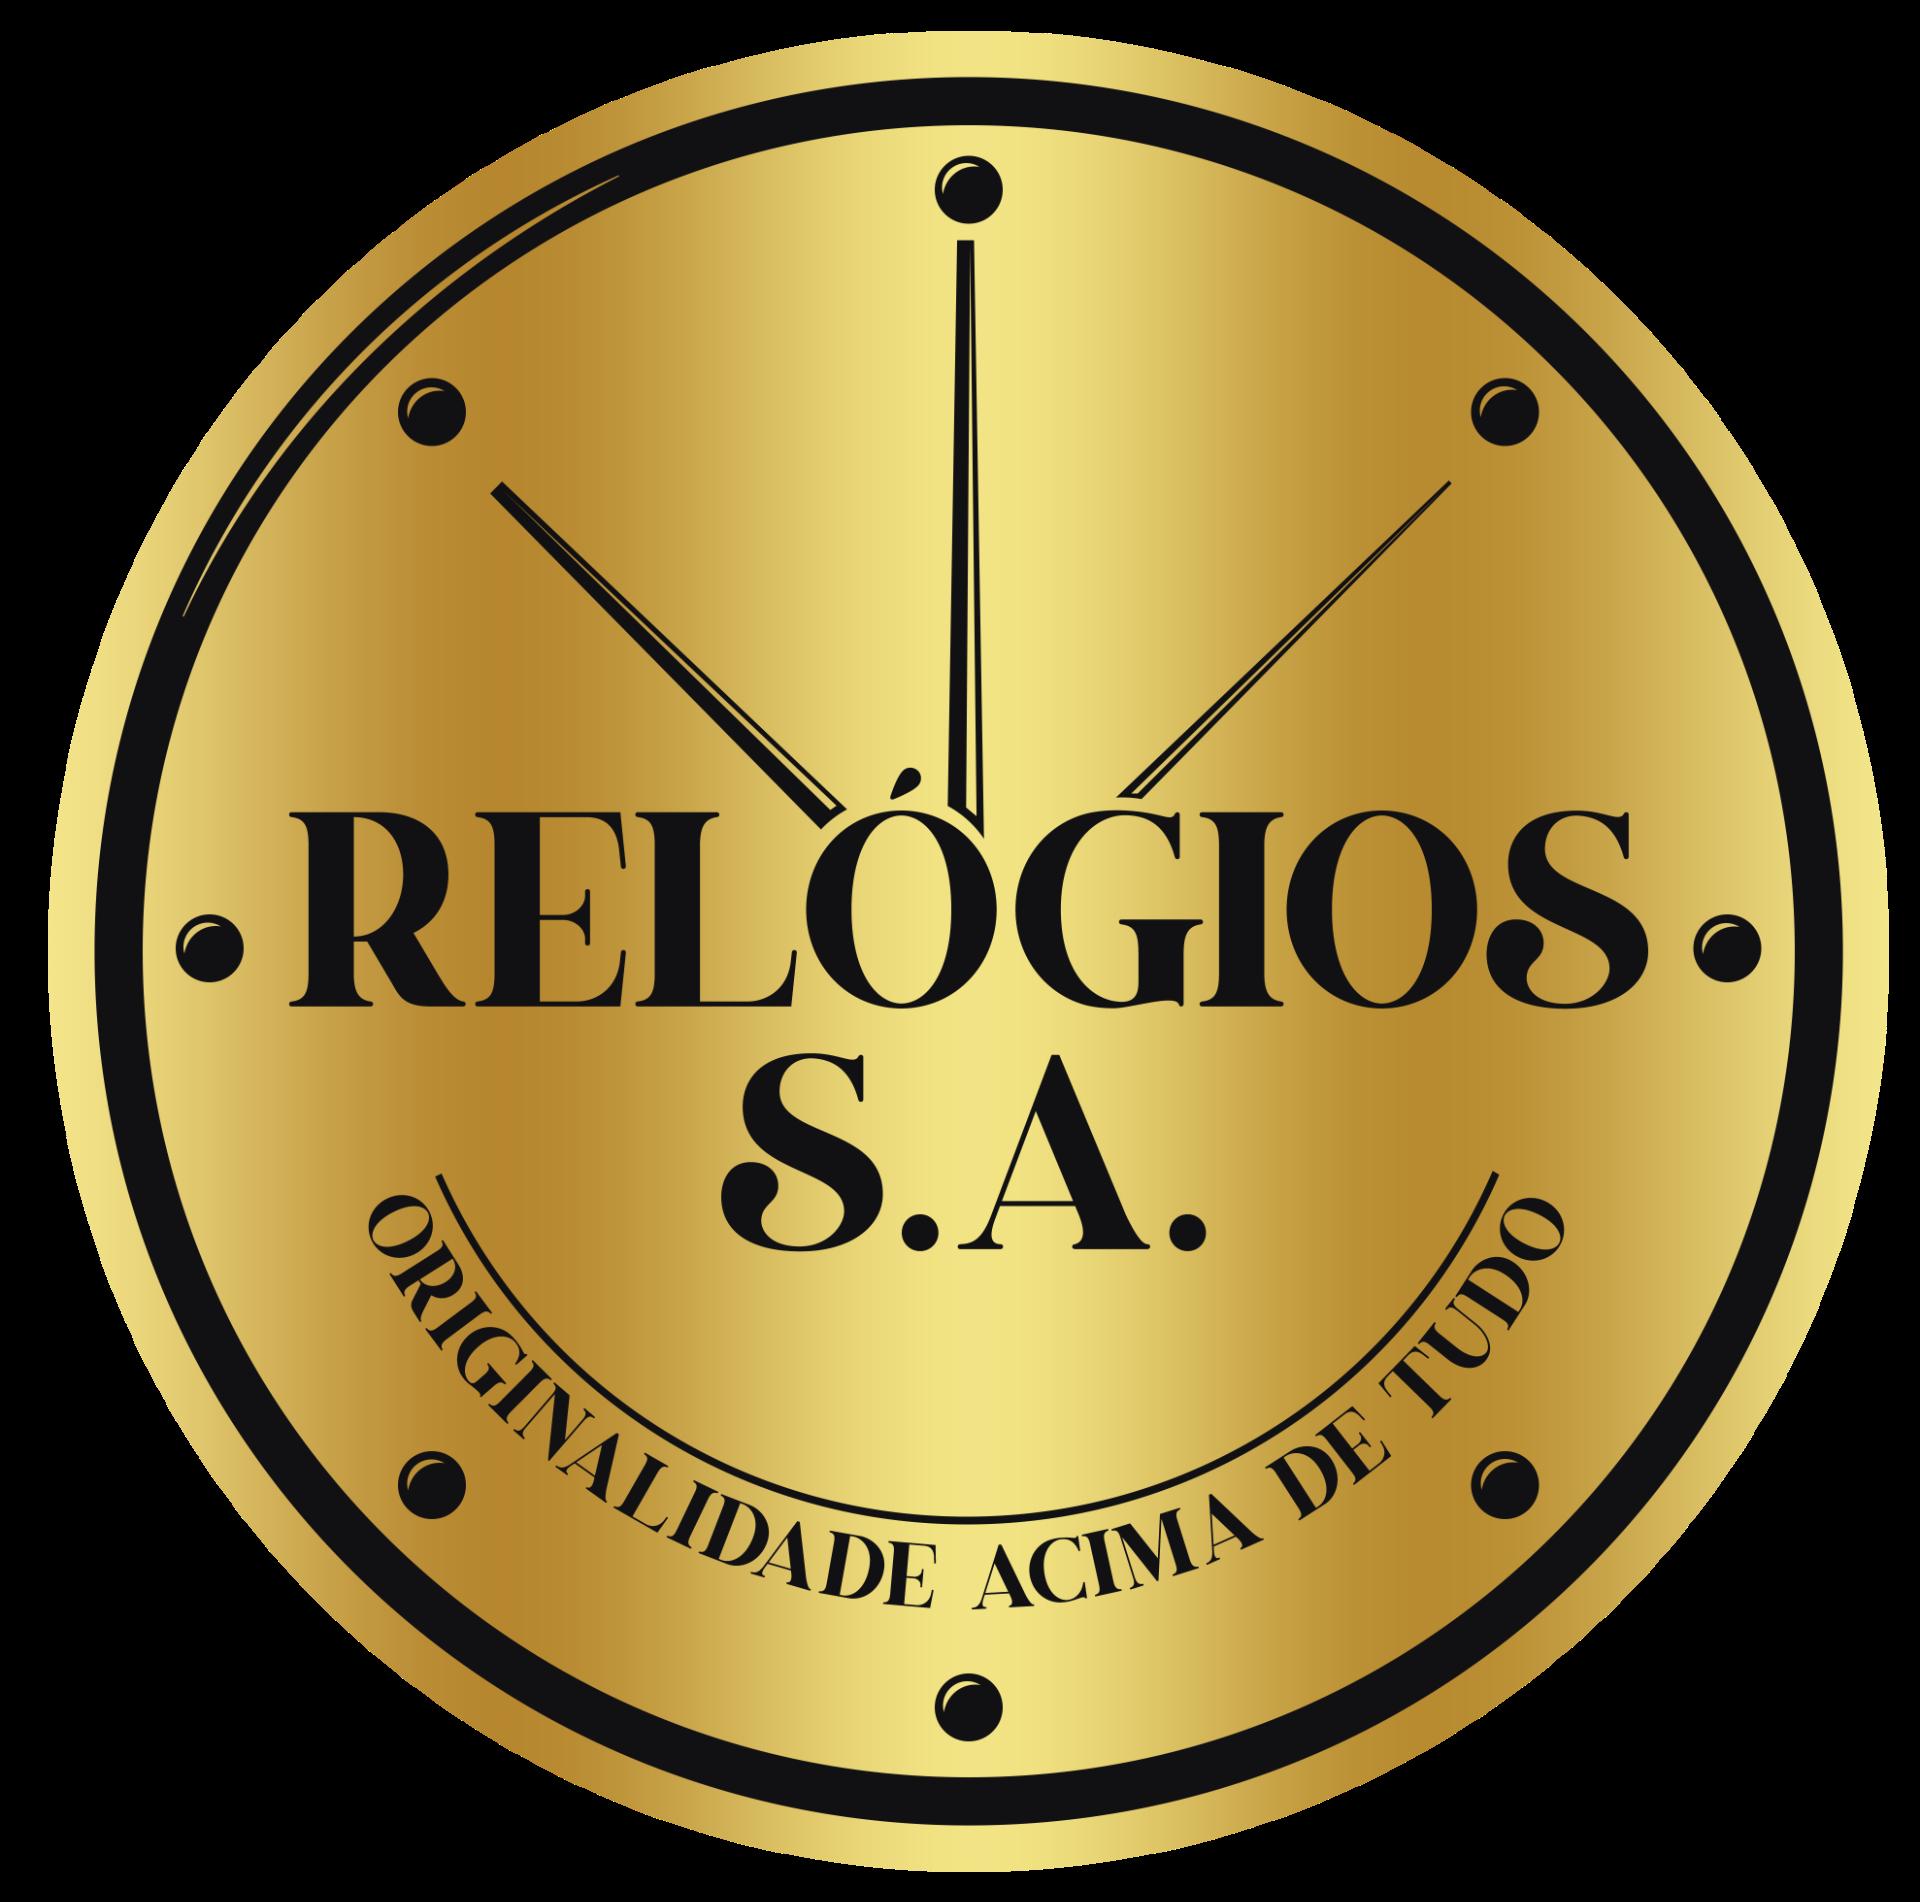 RELOGIOS S.A.